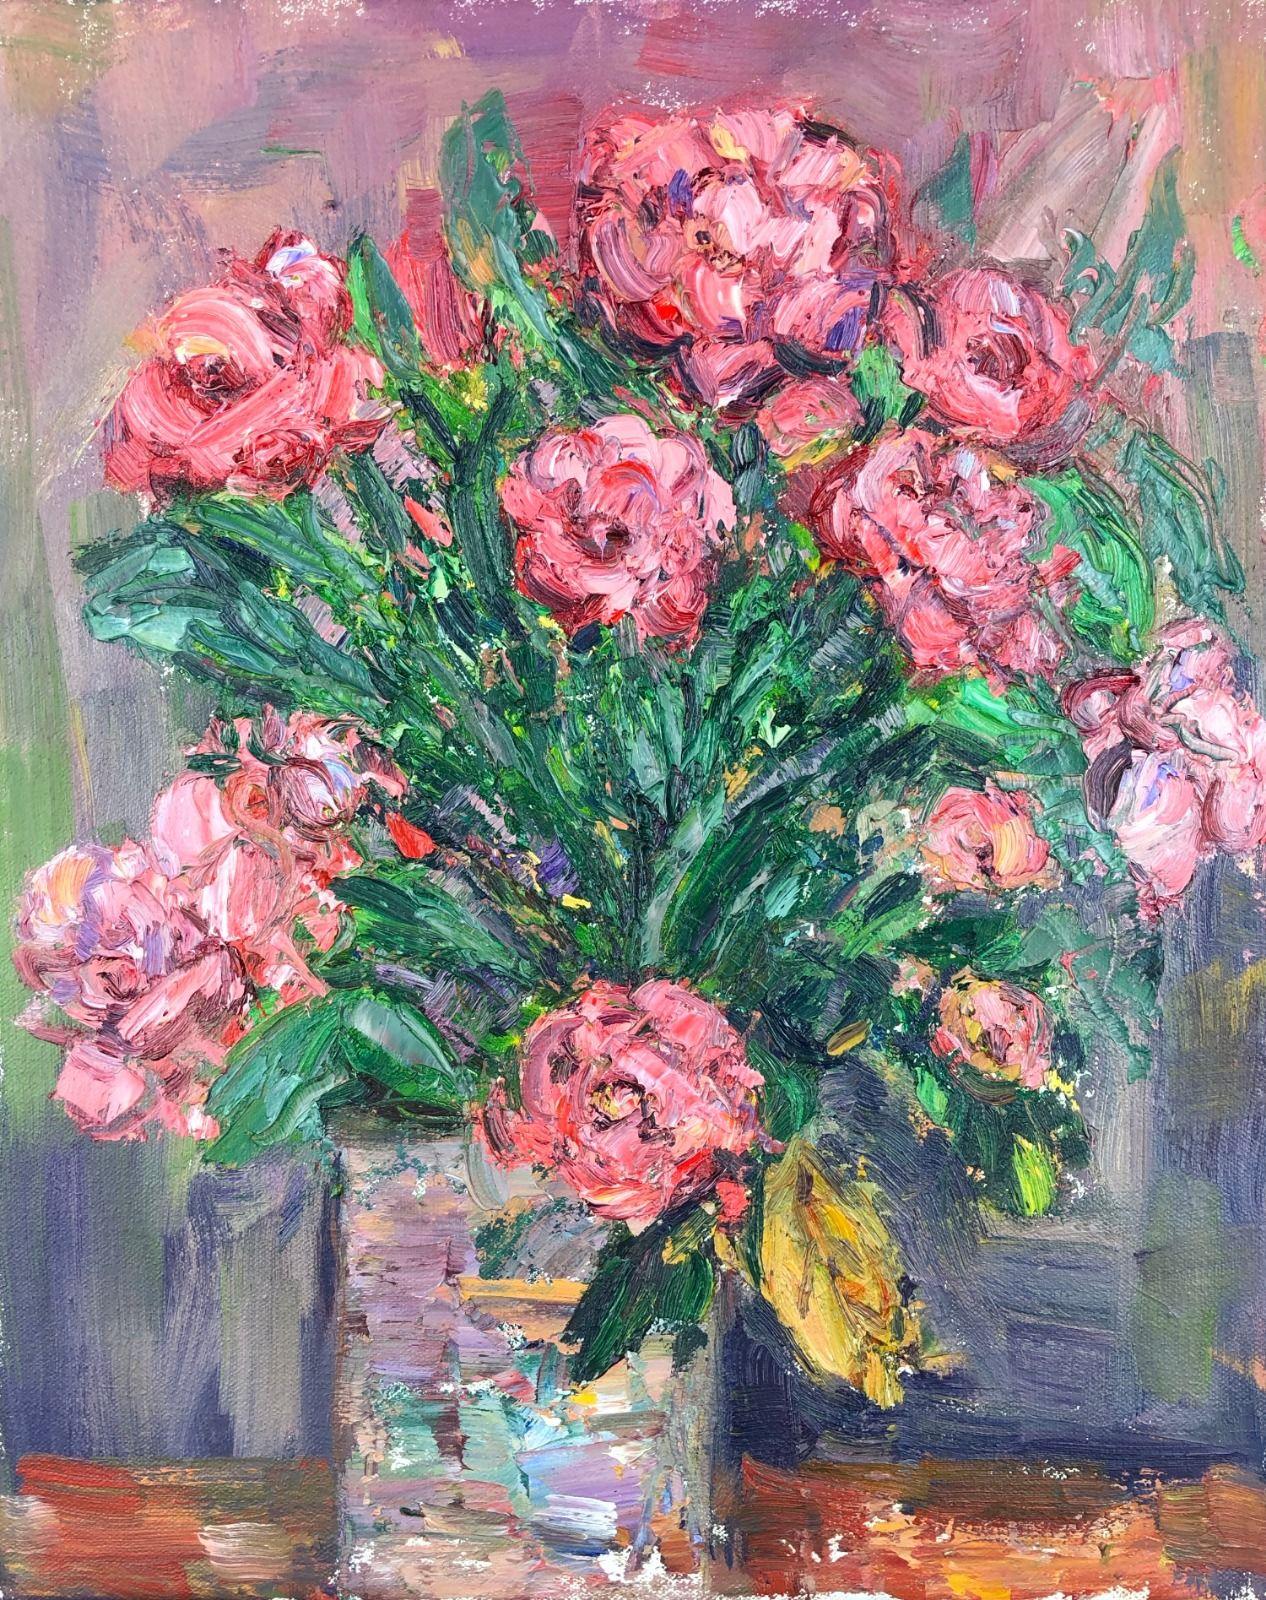 Pink Roses in a Vase. 15in x 12in